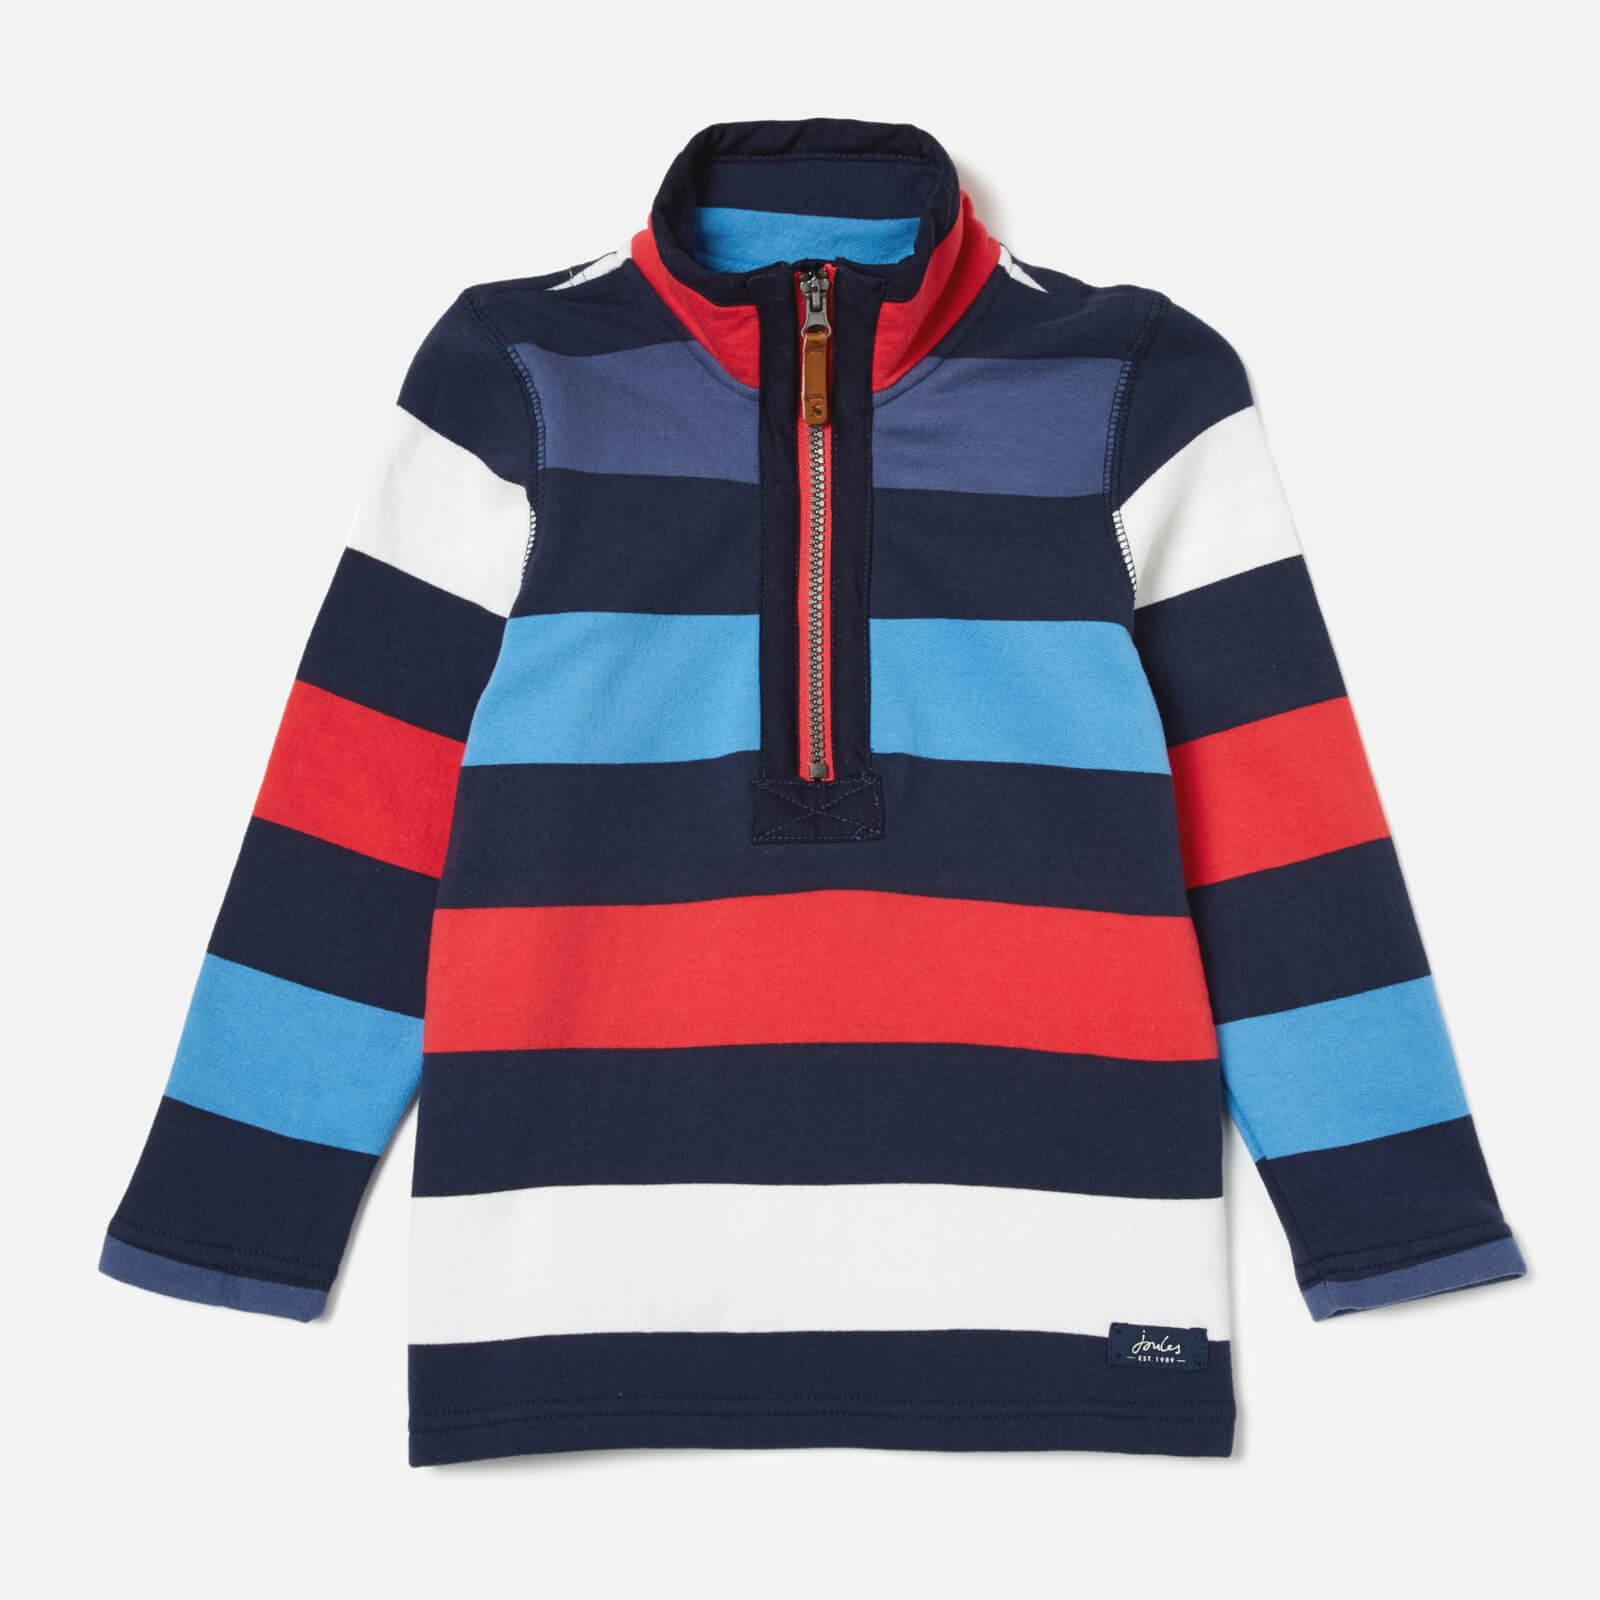 Joules Boys' Dale Half Zip Sweatshirt - Blue Red Stripe - 6 Years - Multi